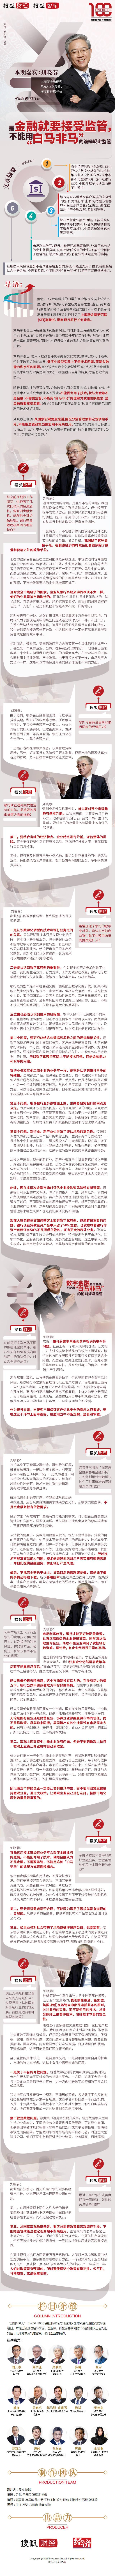 """刘晓春:是金融就要接受监管,不能用""""白马非马""""的诡辩规避监管"""